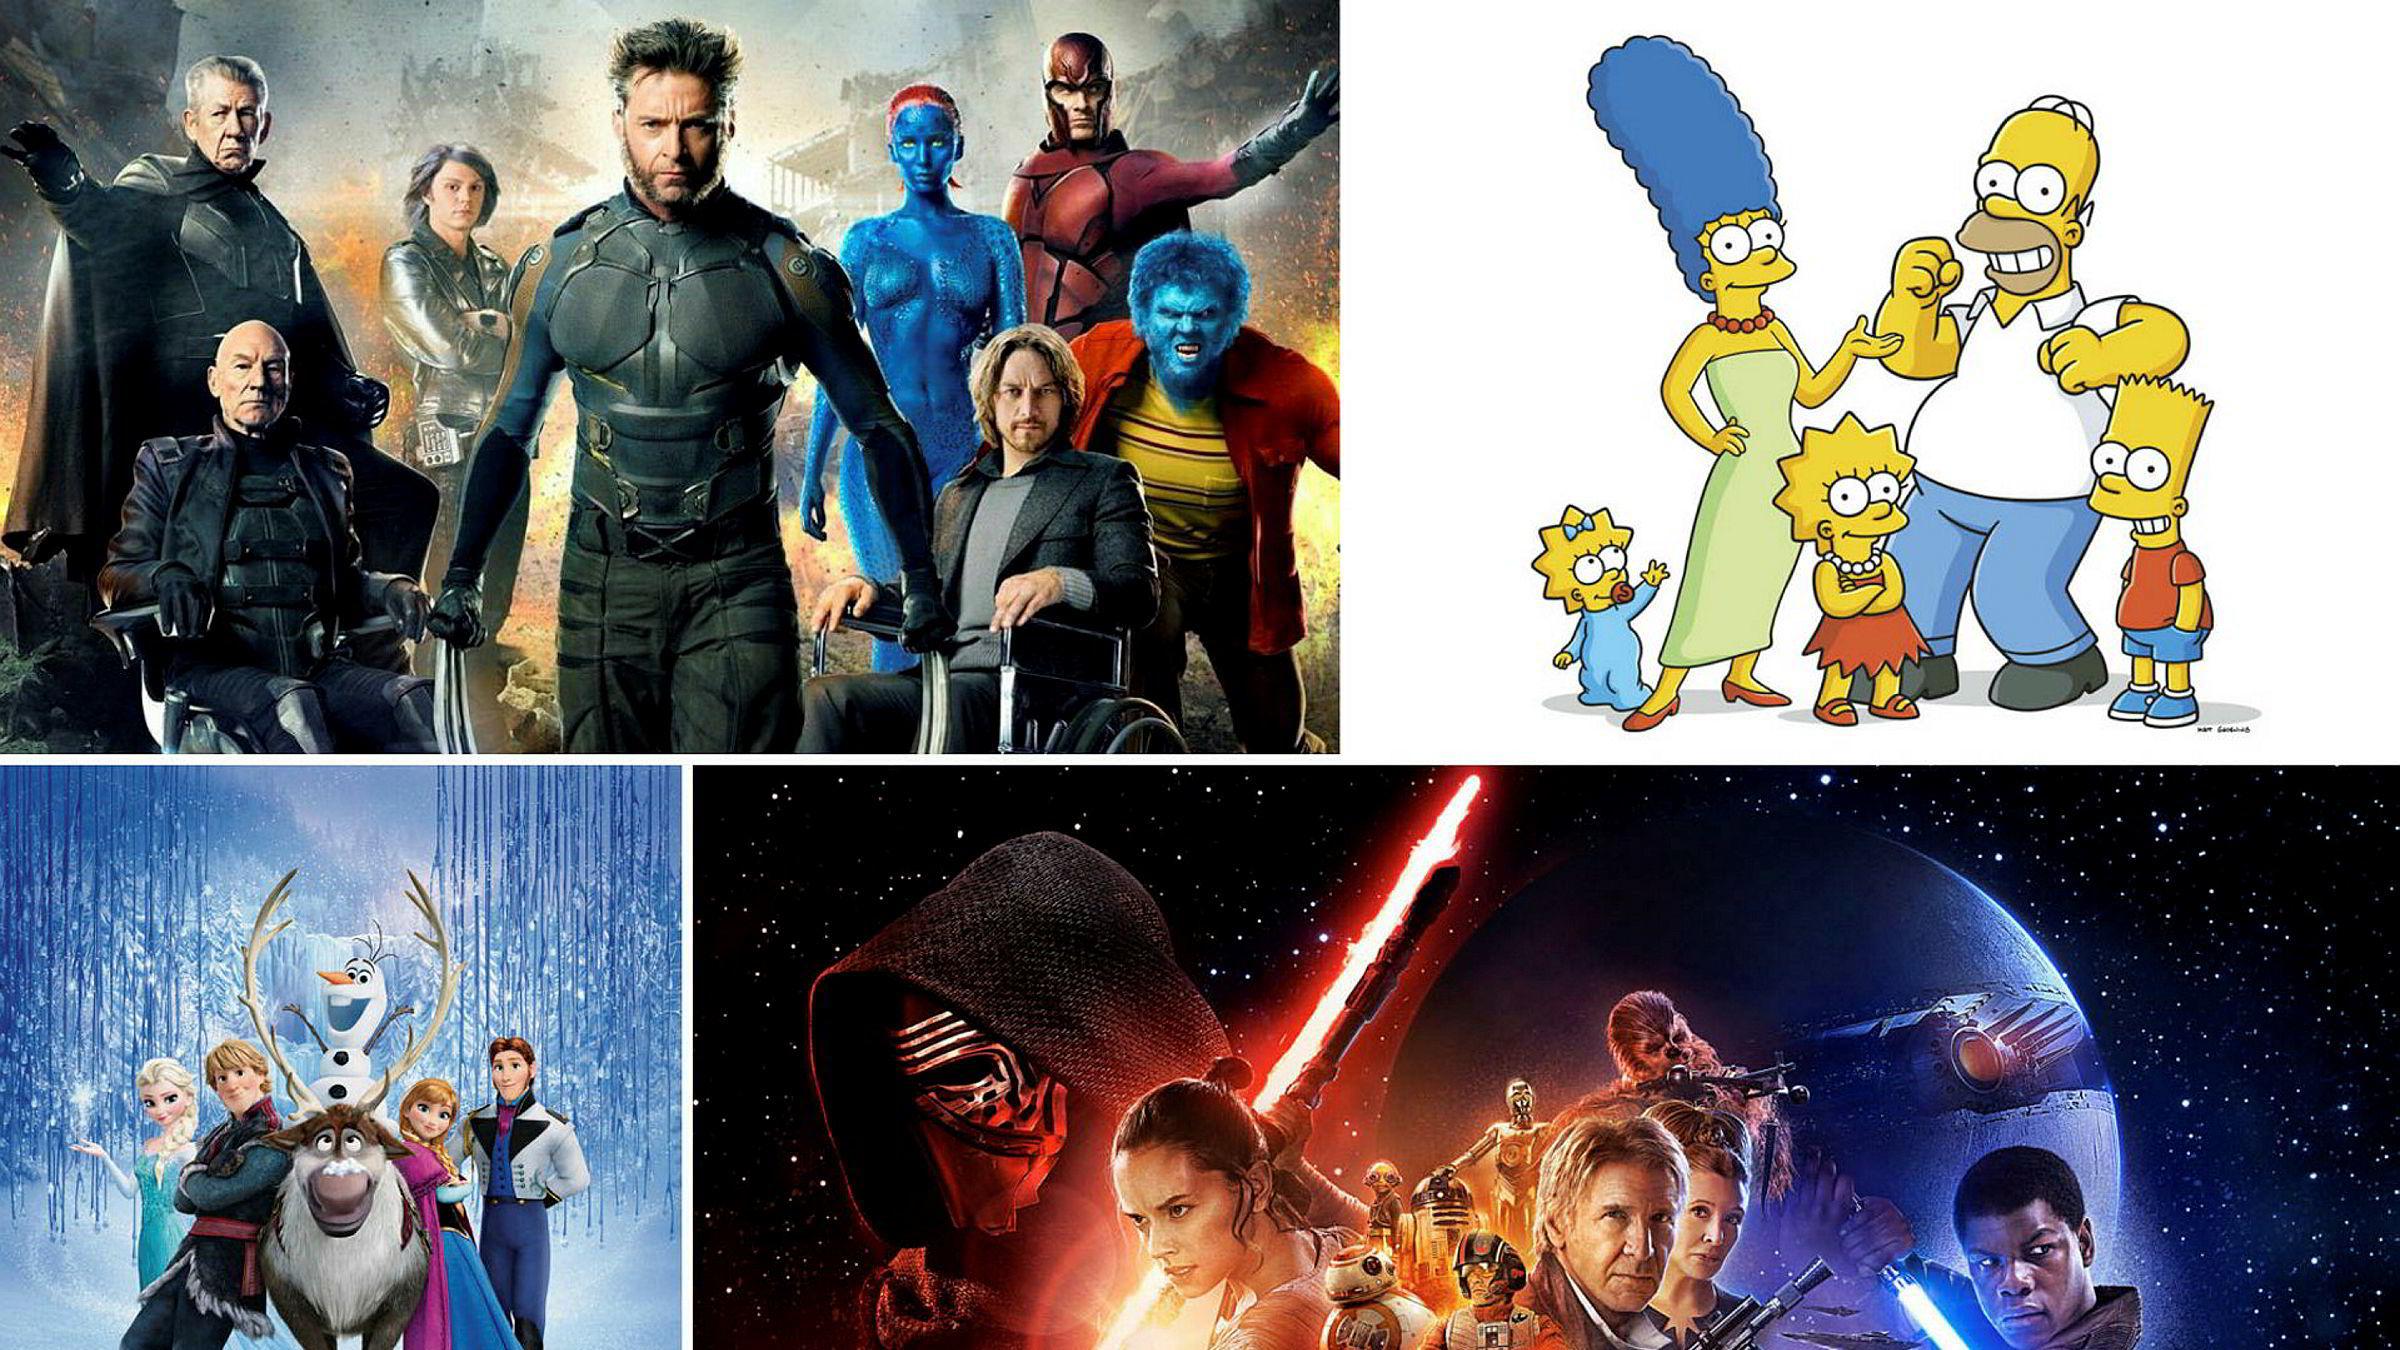 Etter oppkjøpet av 21st Century Fox kommer Disney til å lansere sin egen strømmetjeneste. Populærer filmer og serier som (fra venstre): X-Men, The Simpsons, Frost og Star Wars kommer til å bli samlet under Disney paraplyen.